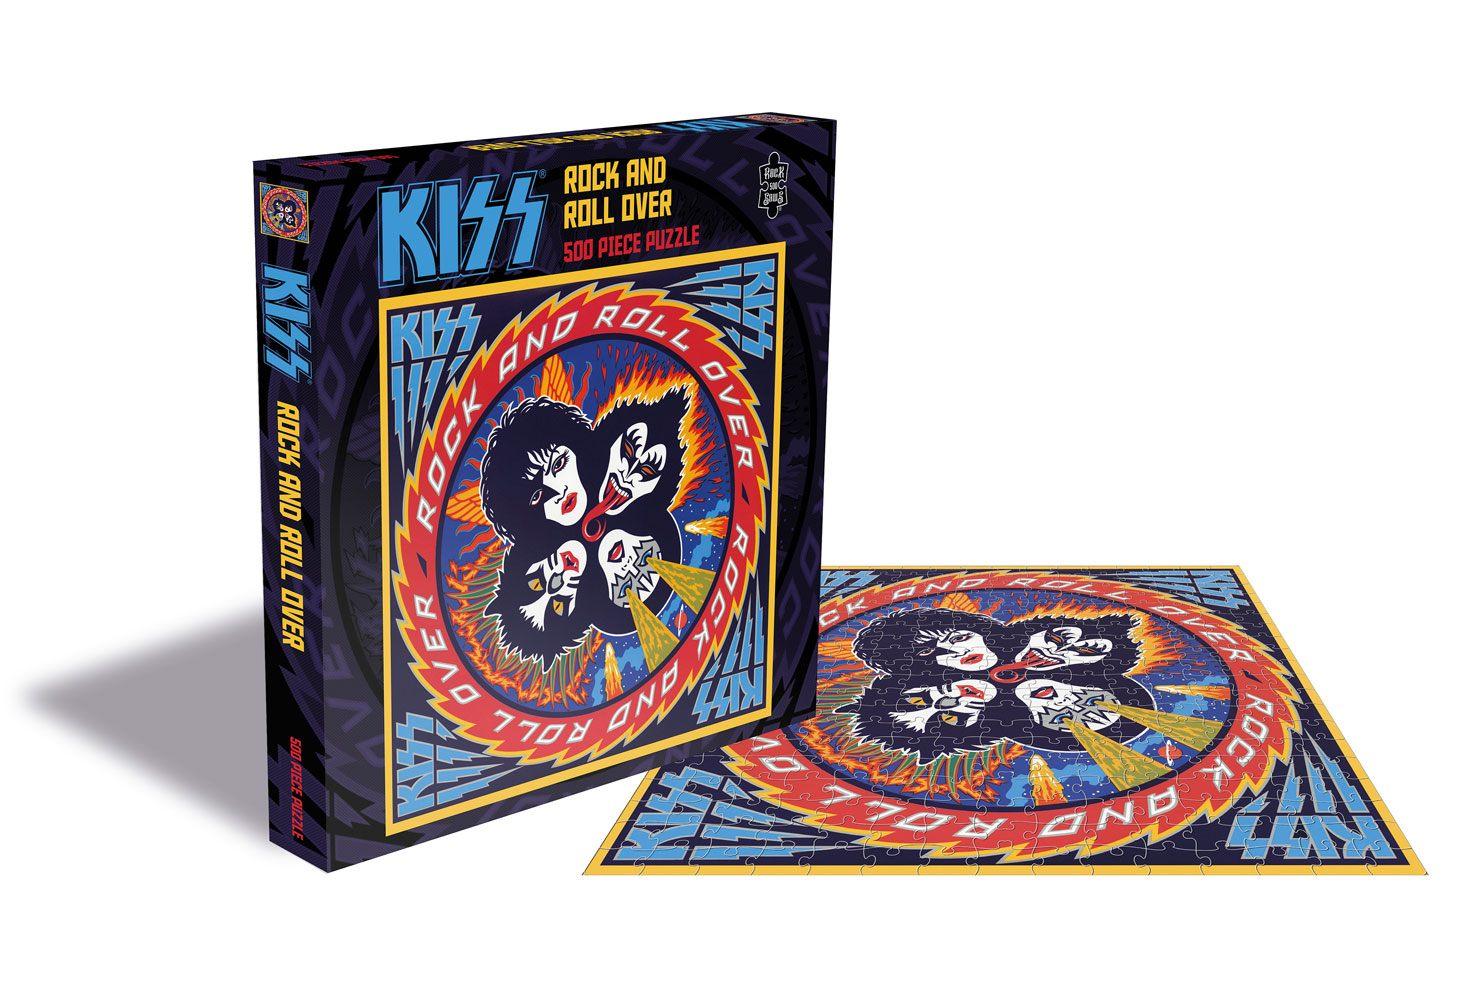 Photo du produit KISS PUZZLE ROCK AND ROLL OVER / 500 PIÈCES